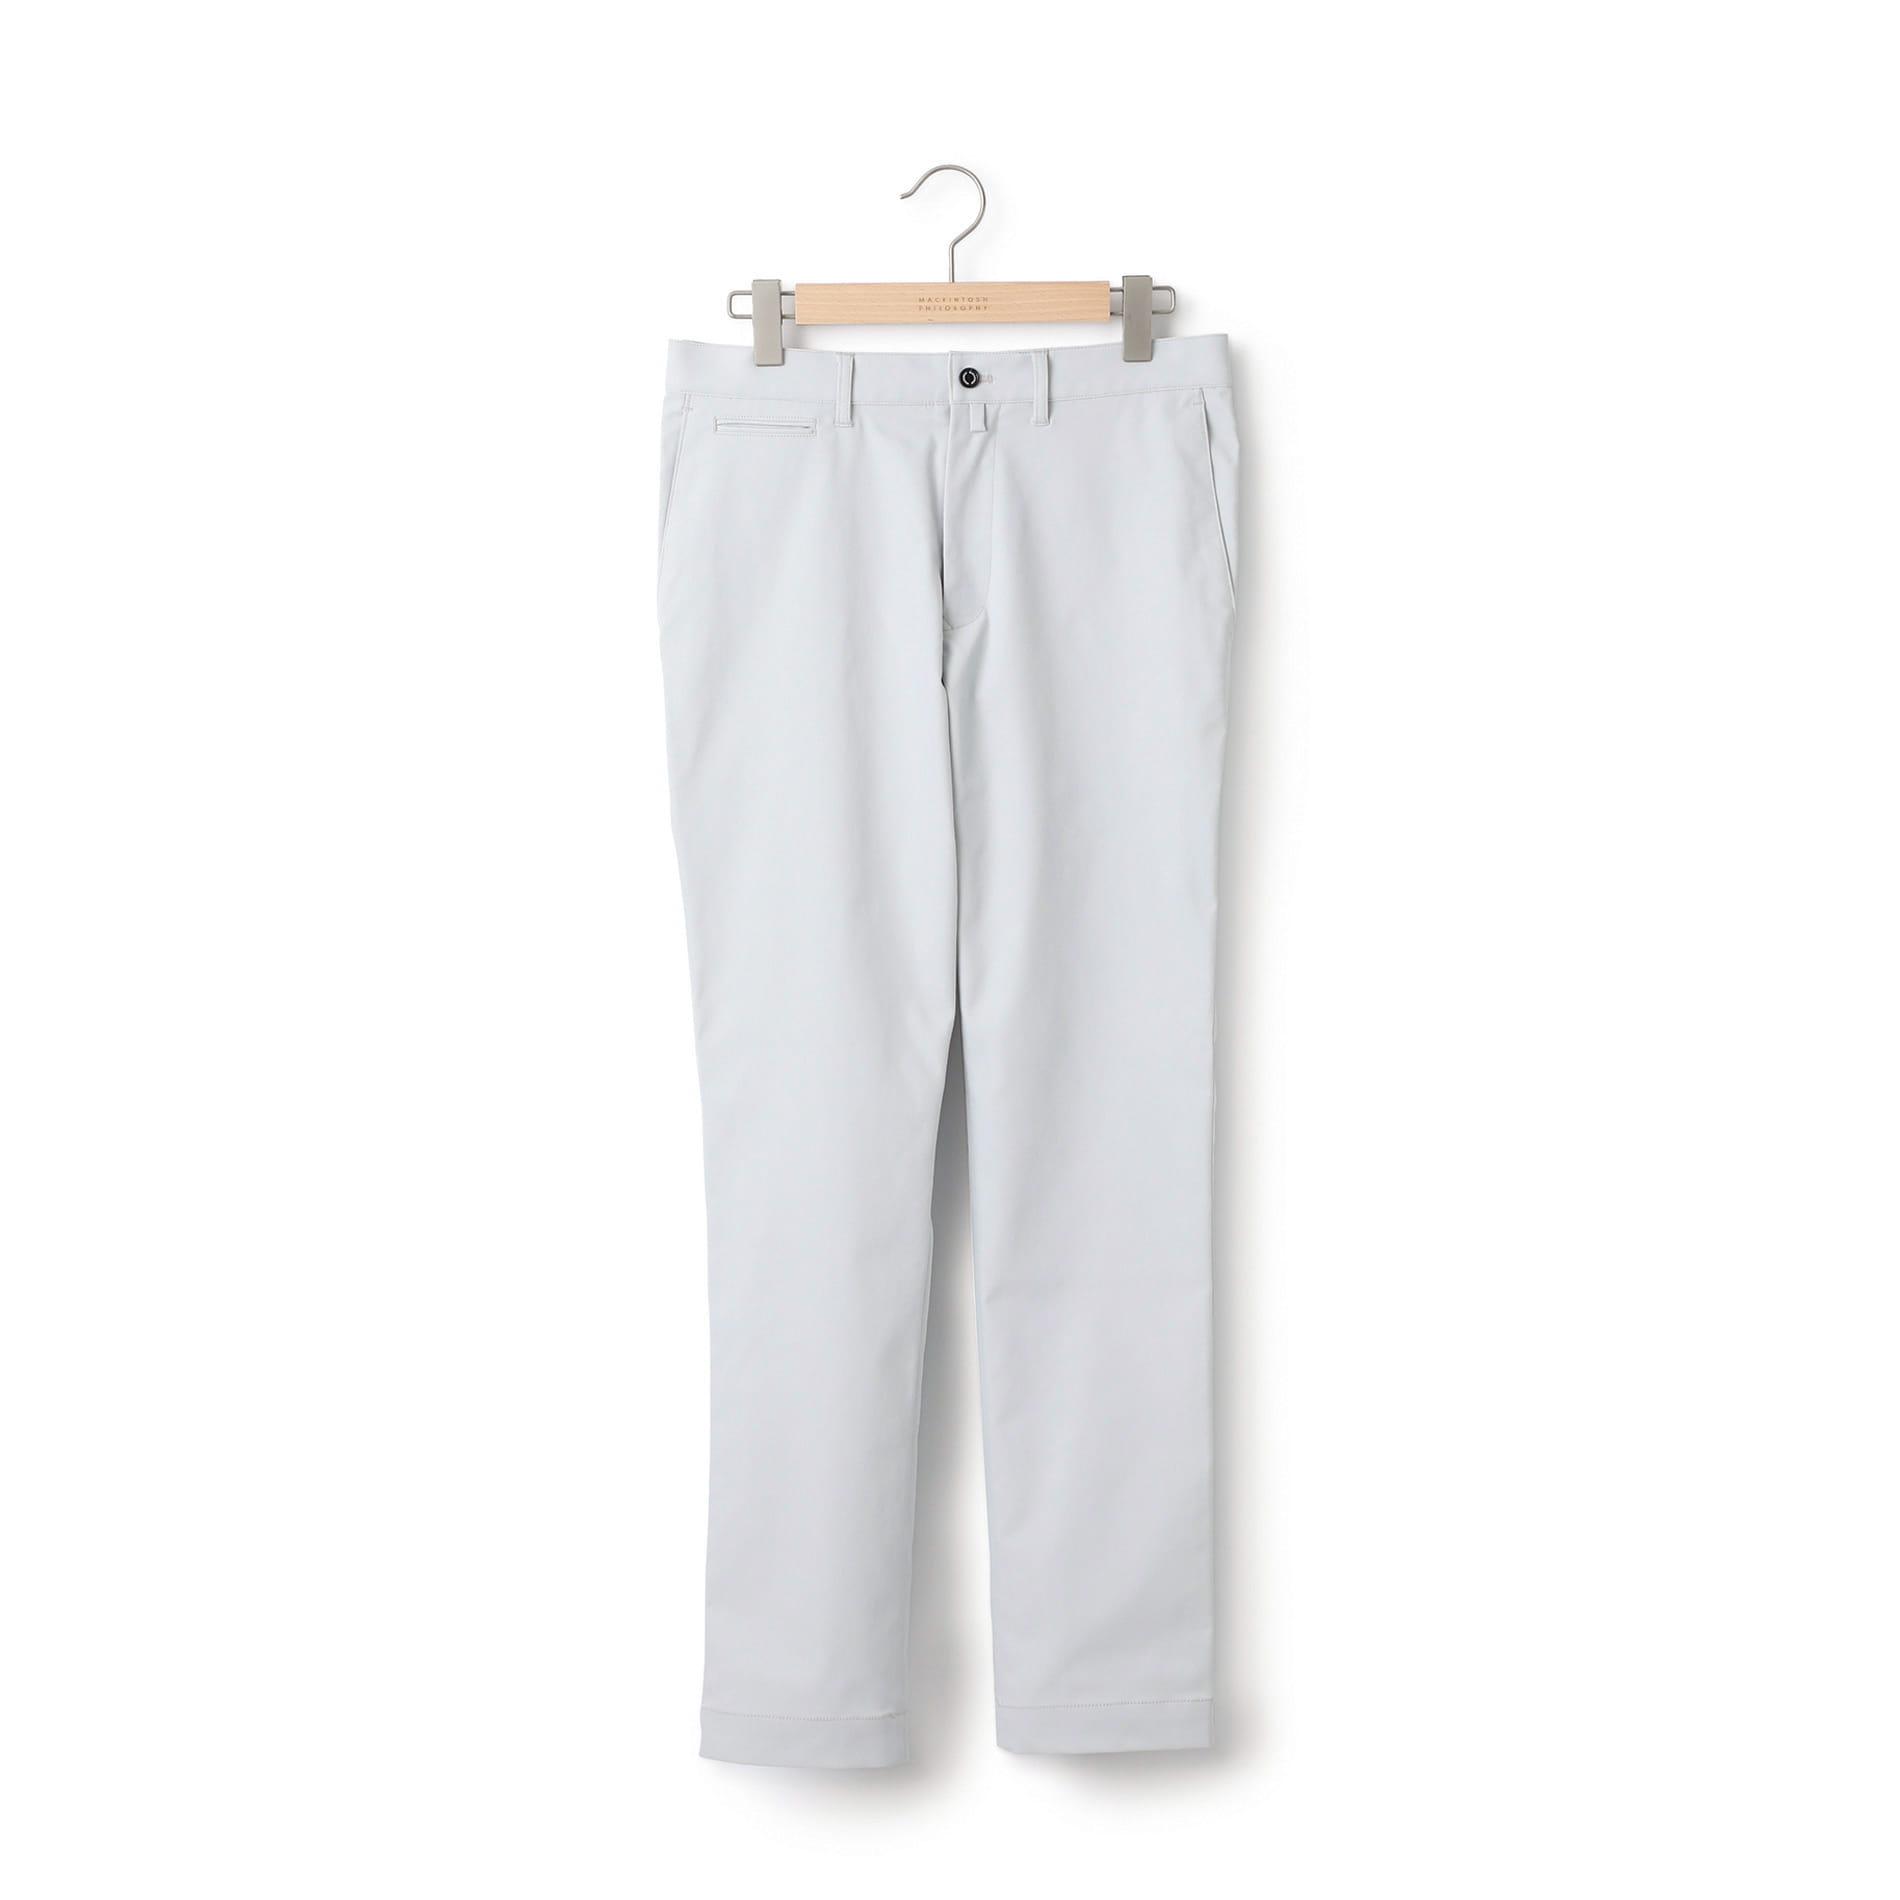 TECHNO CHINO TAPERD SLIM PANTS